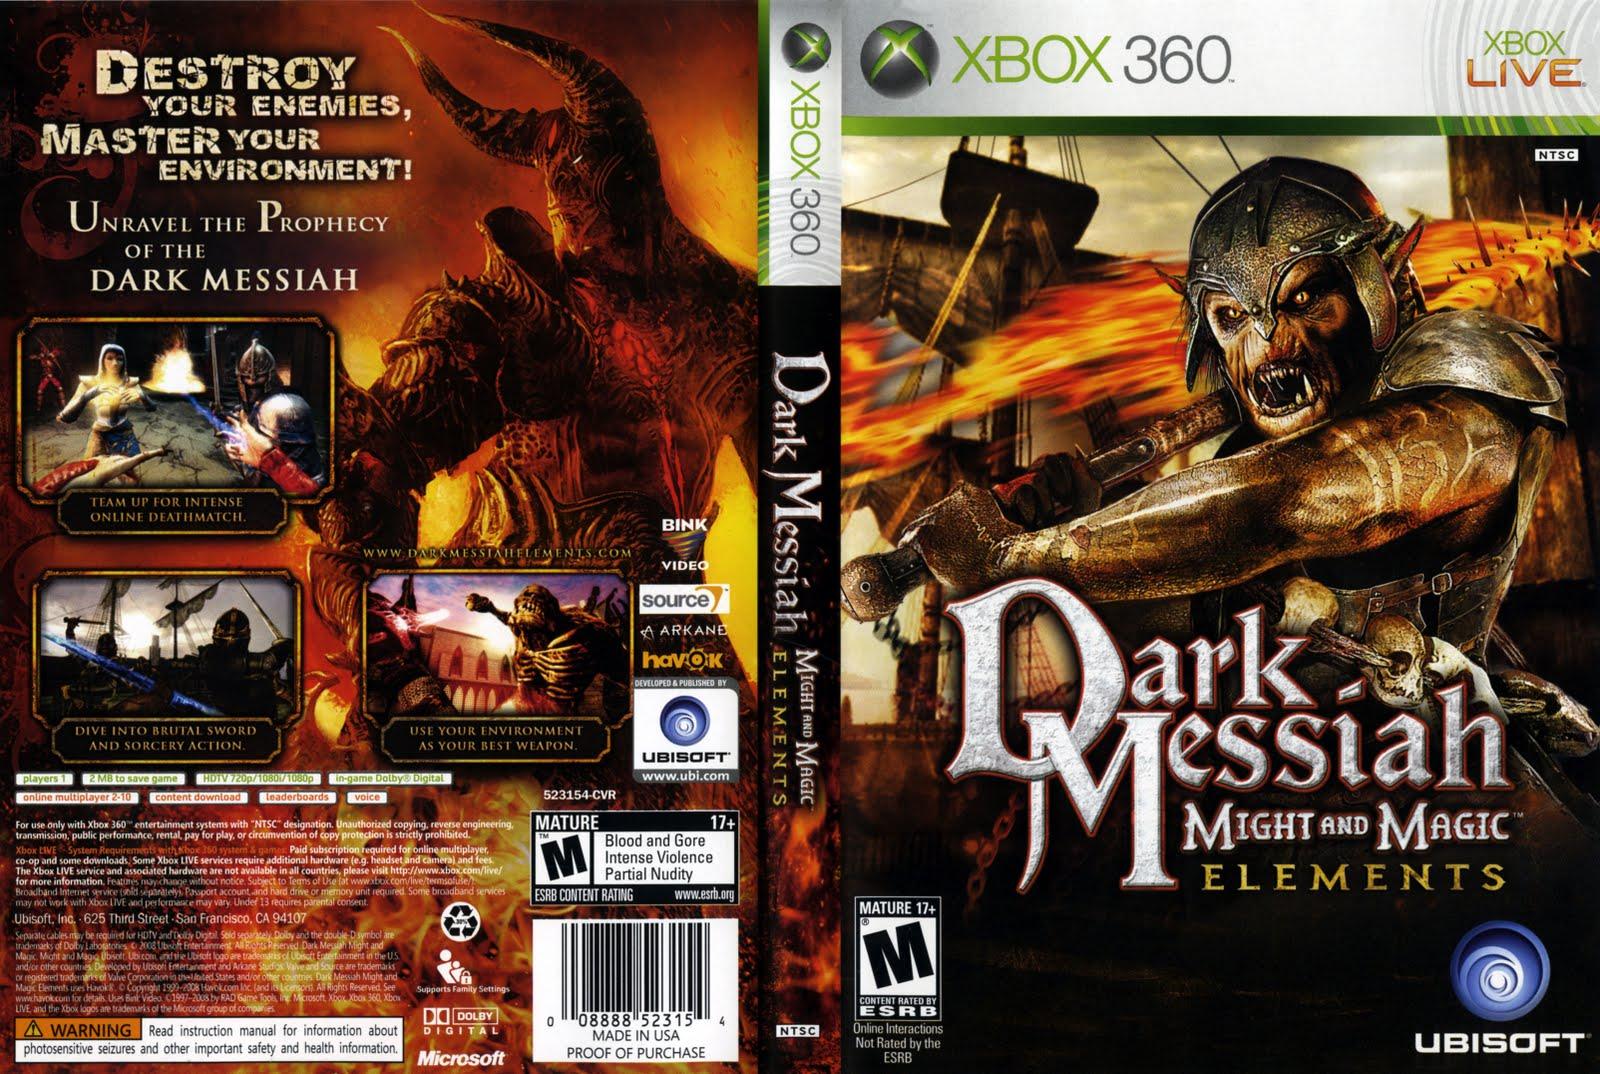 Dark messiah porn xa sex photos